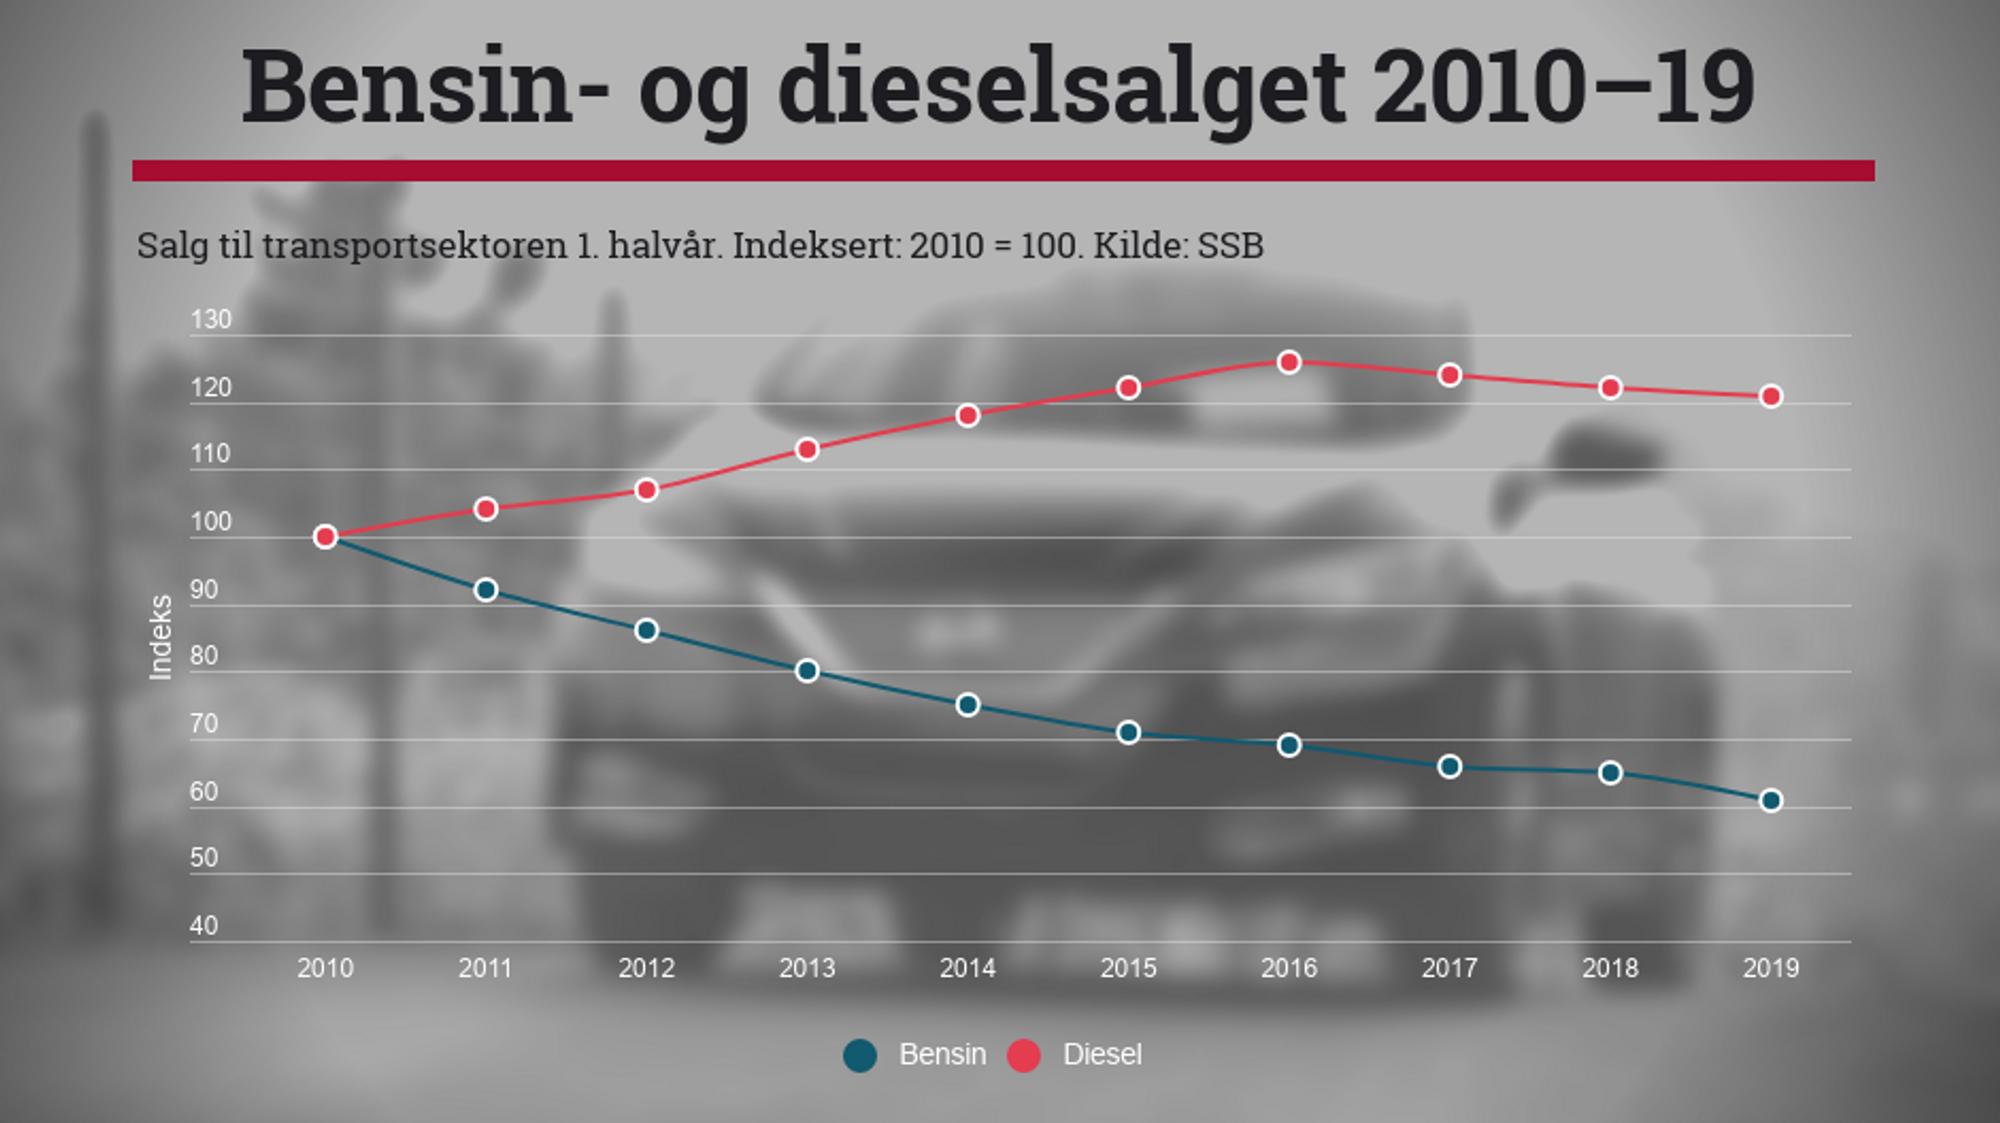 Salget av bensin og diesel i transportsektoren 1. halvår 2010-19 (2010 = 100). Kilde: SSB